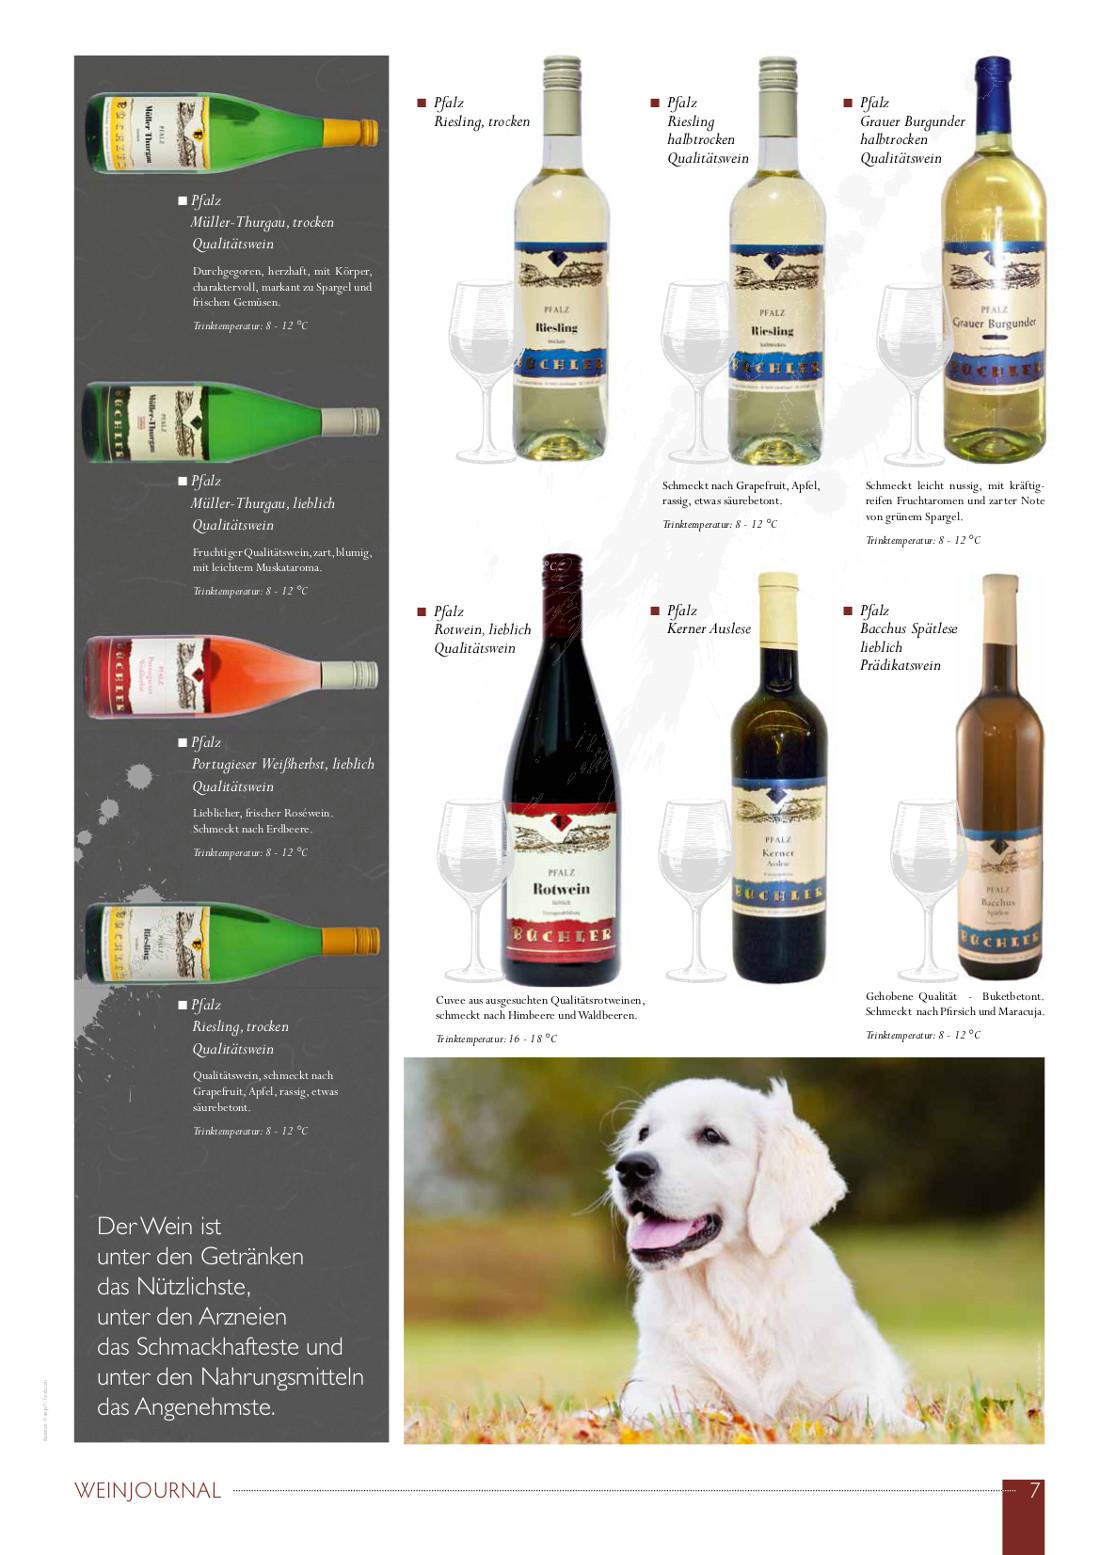 Weinjournal Teil 2 von Weingut Büchler in Göcklingen